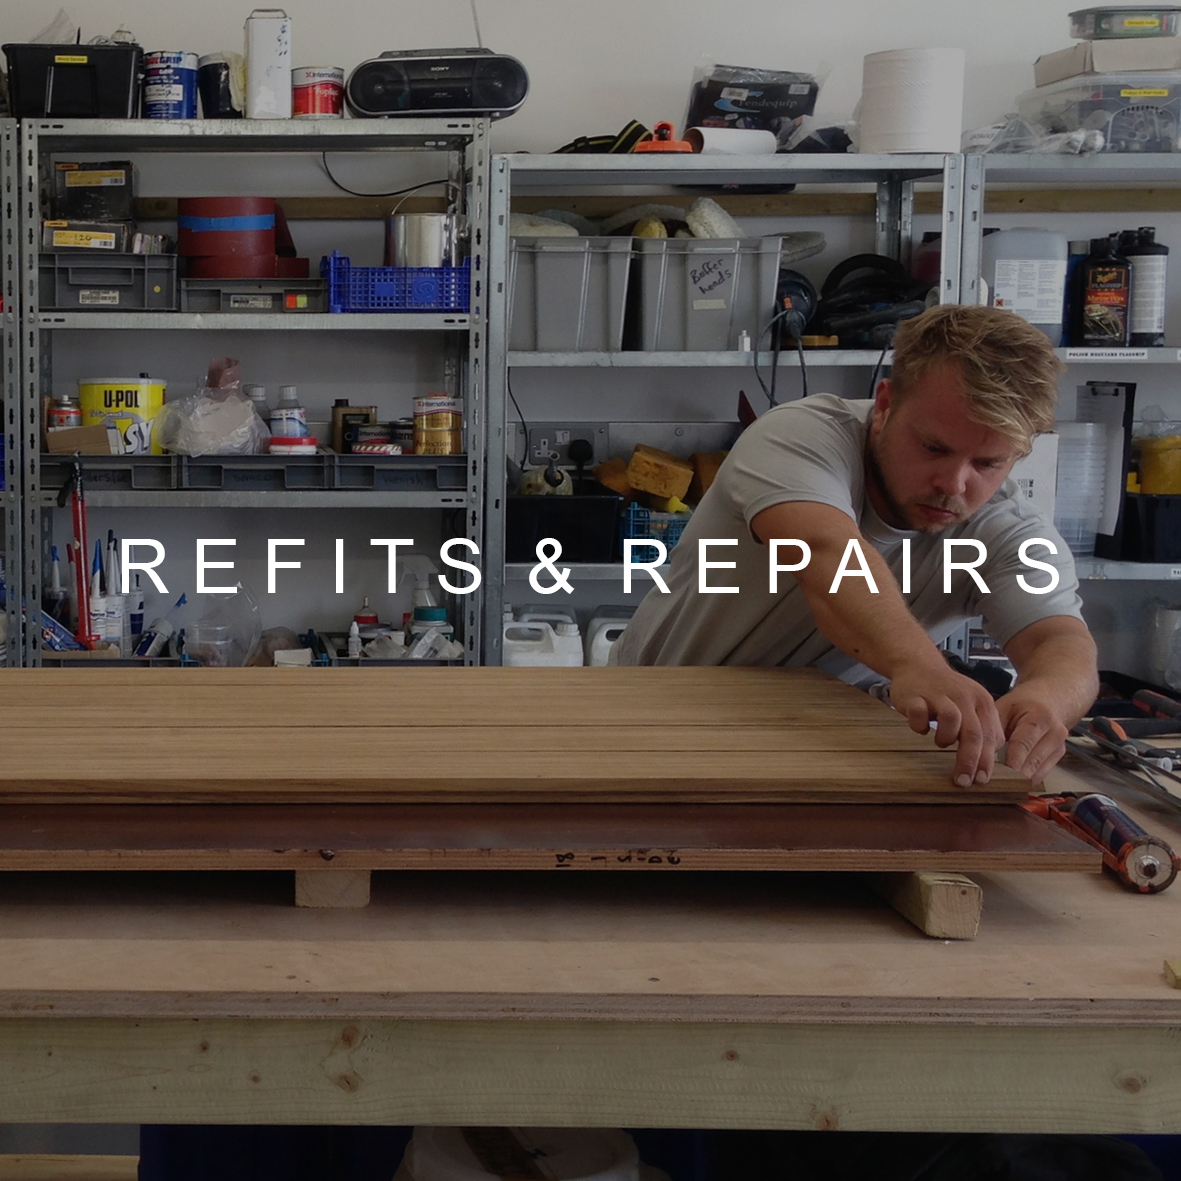 Refits & Repairs